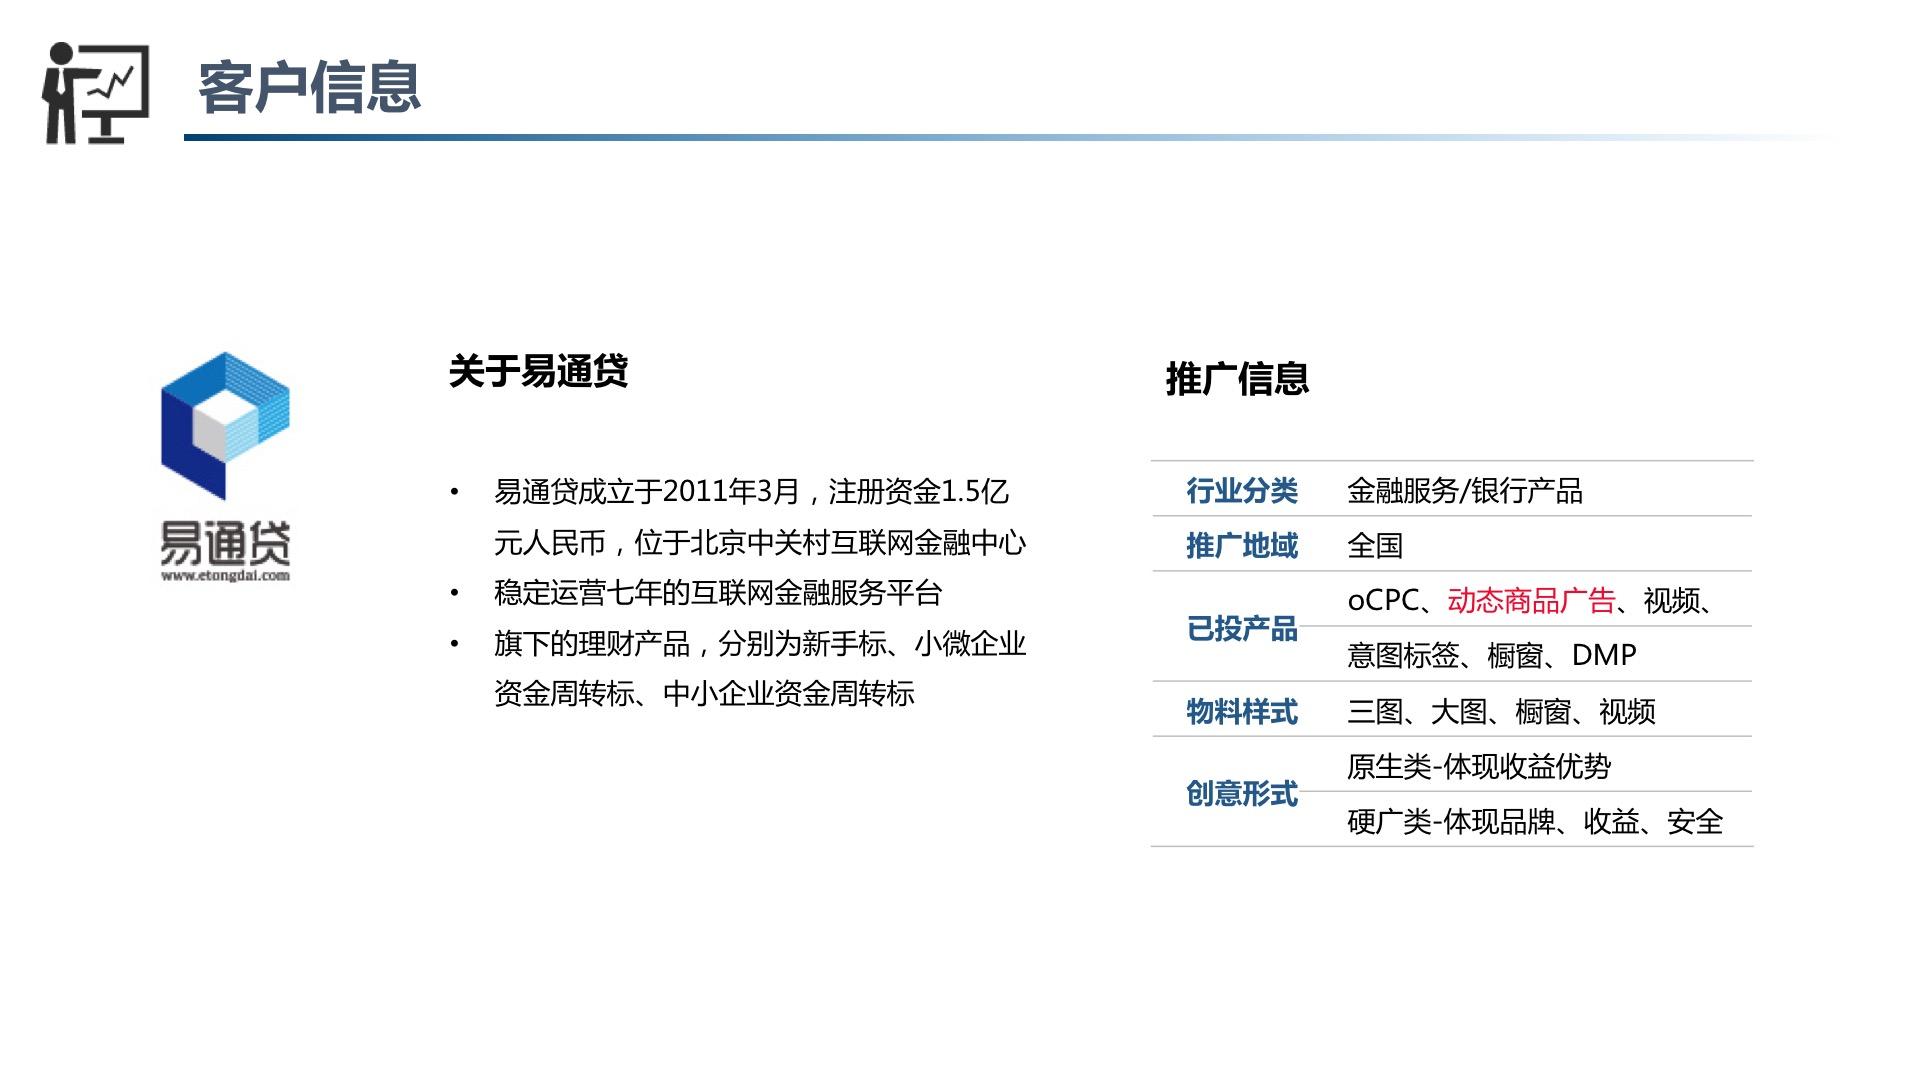 北分-金融服务-bj易通贷-张欣.jpg